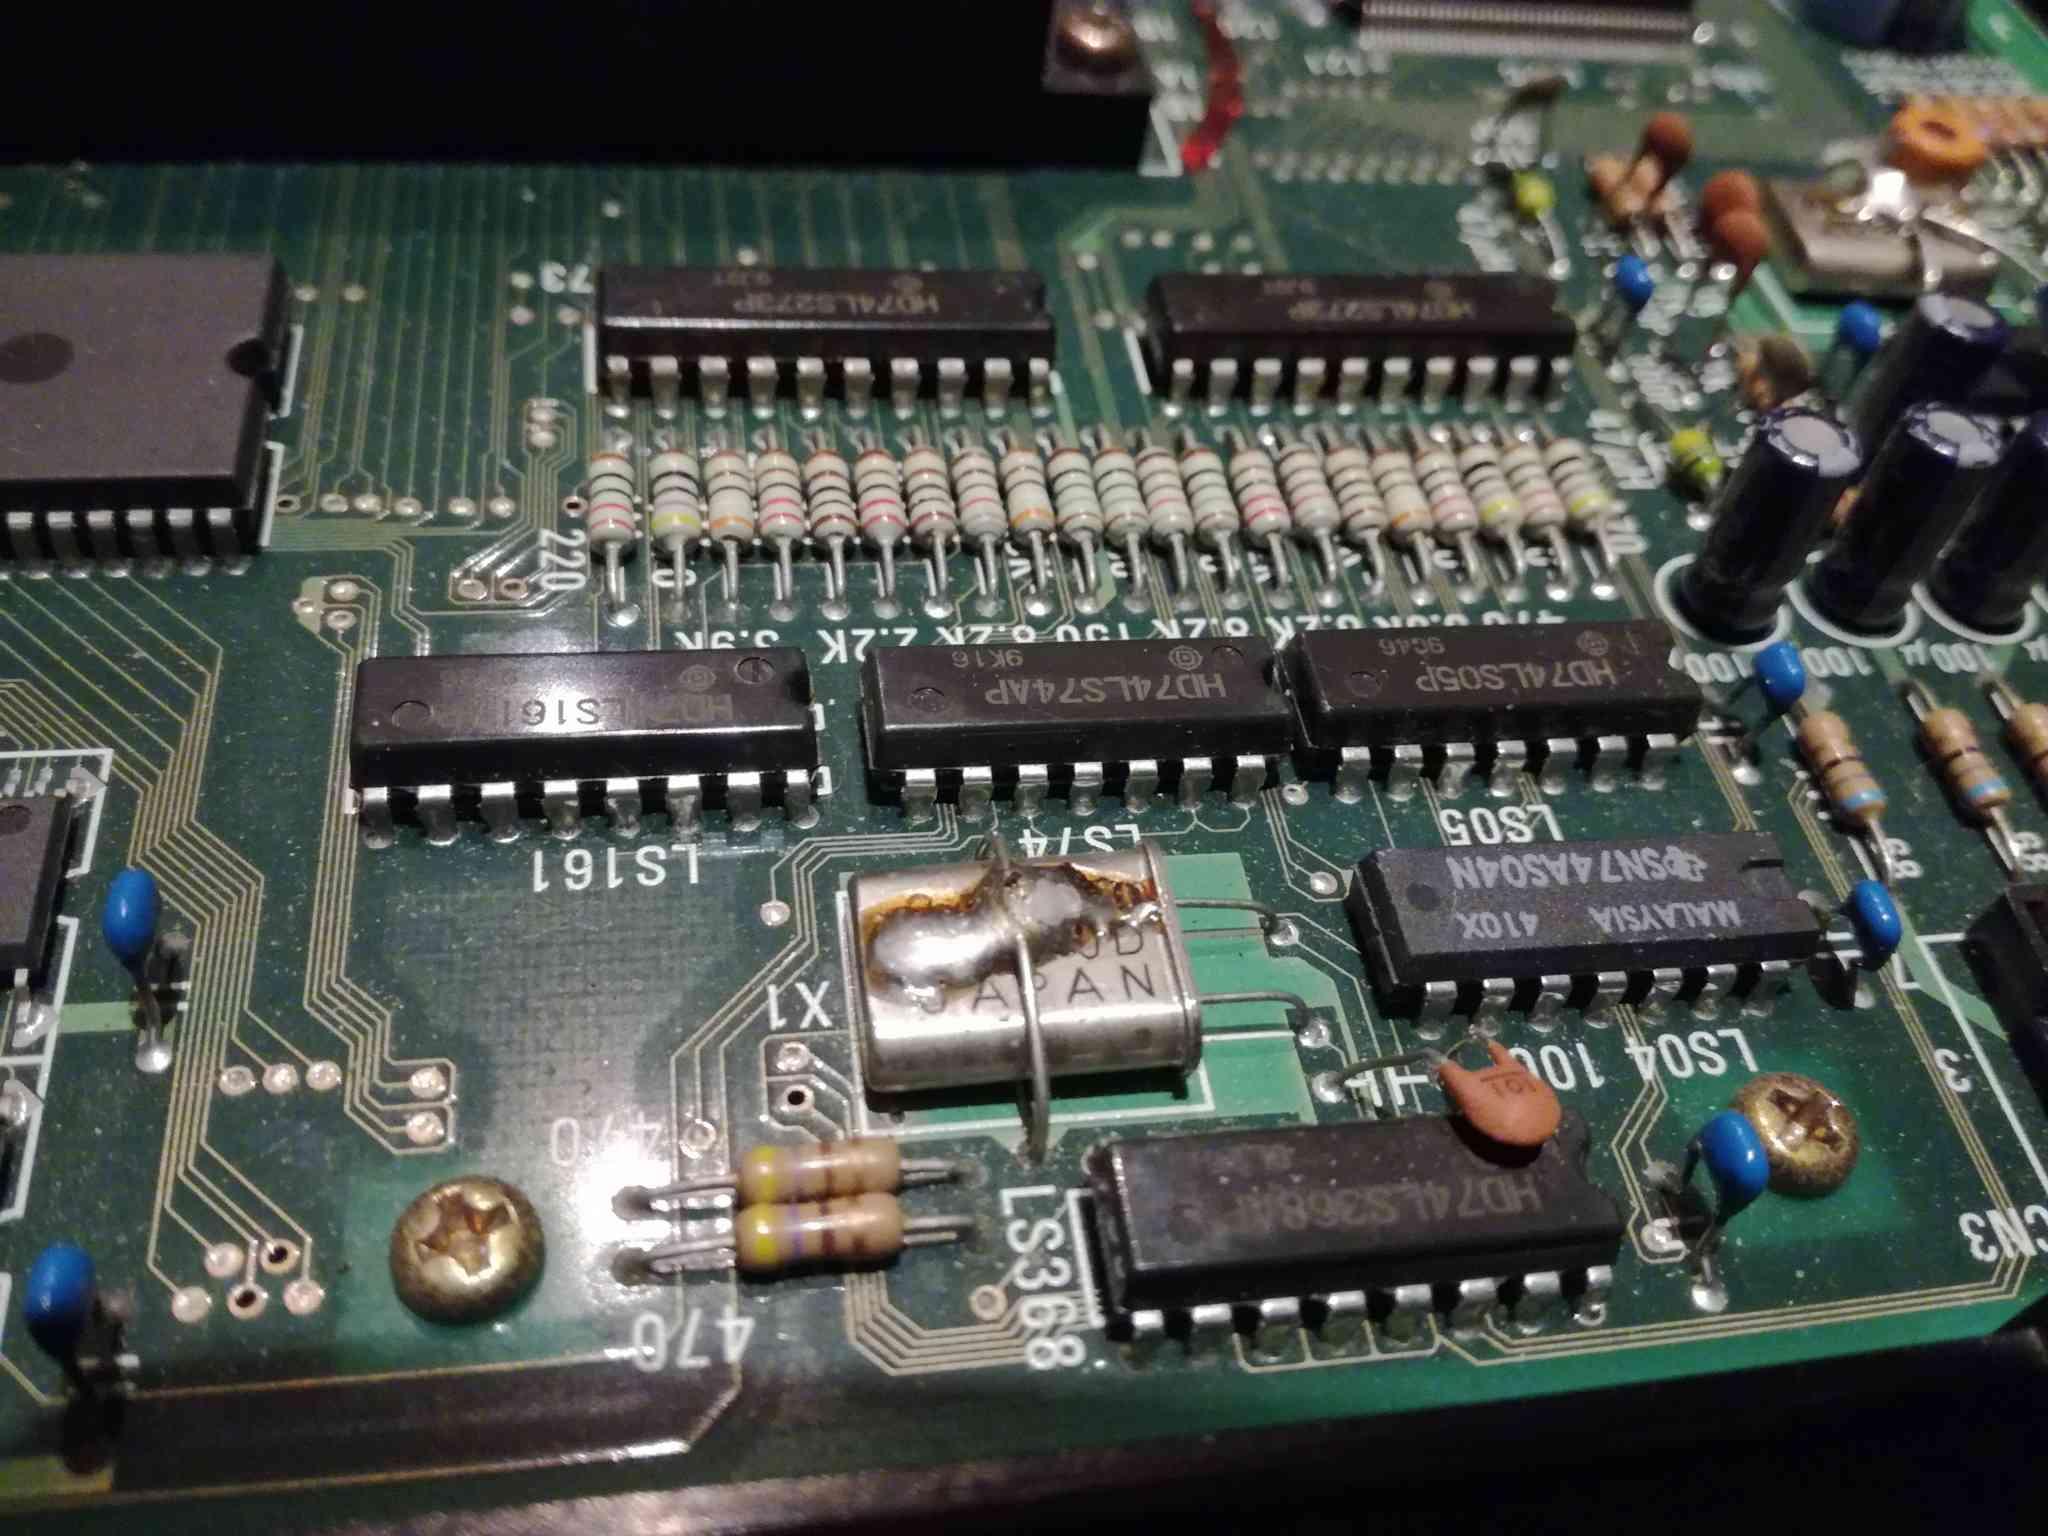 Problème affichage et Reboot aléatoire Neo Geo Aes Img_2041